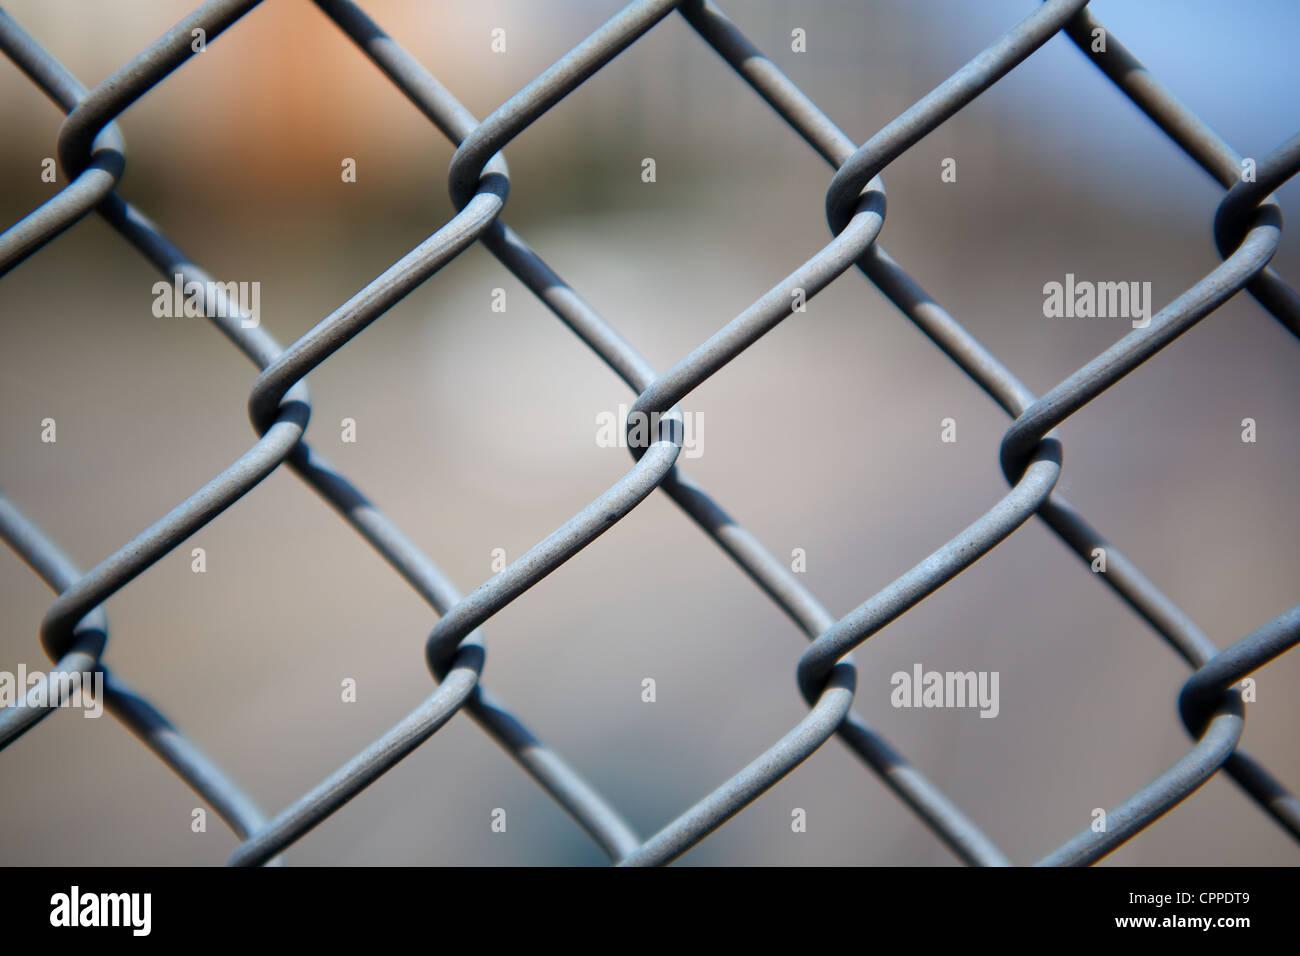 Chain Barrier Stockfotos & Chain Barrier Bilder - Alamy